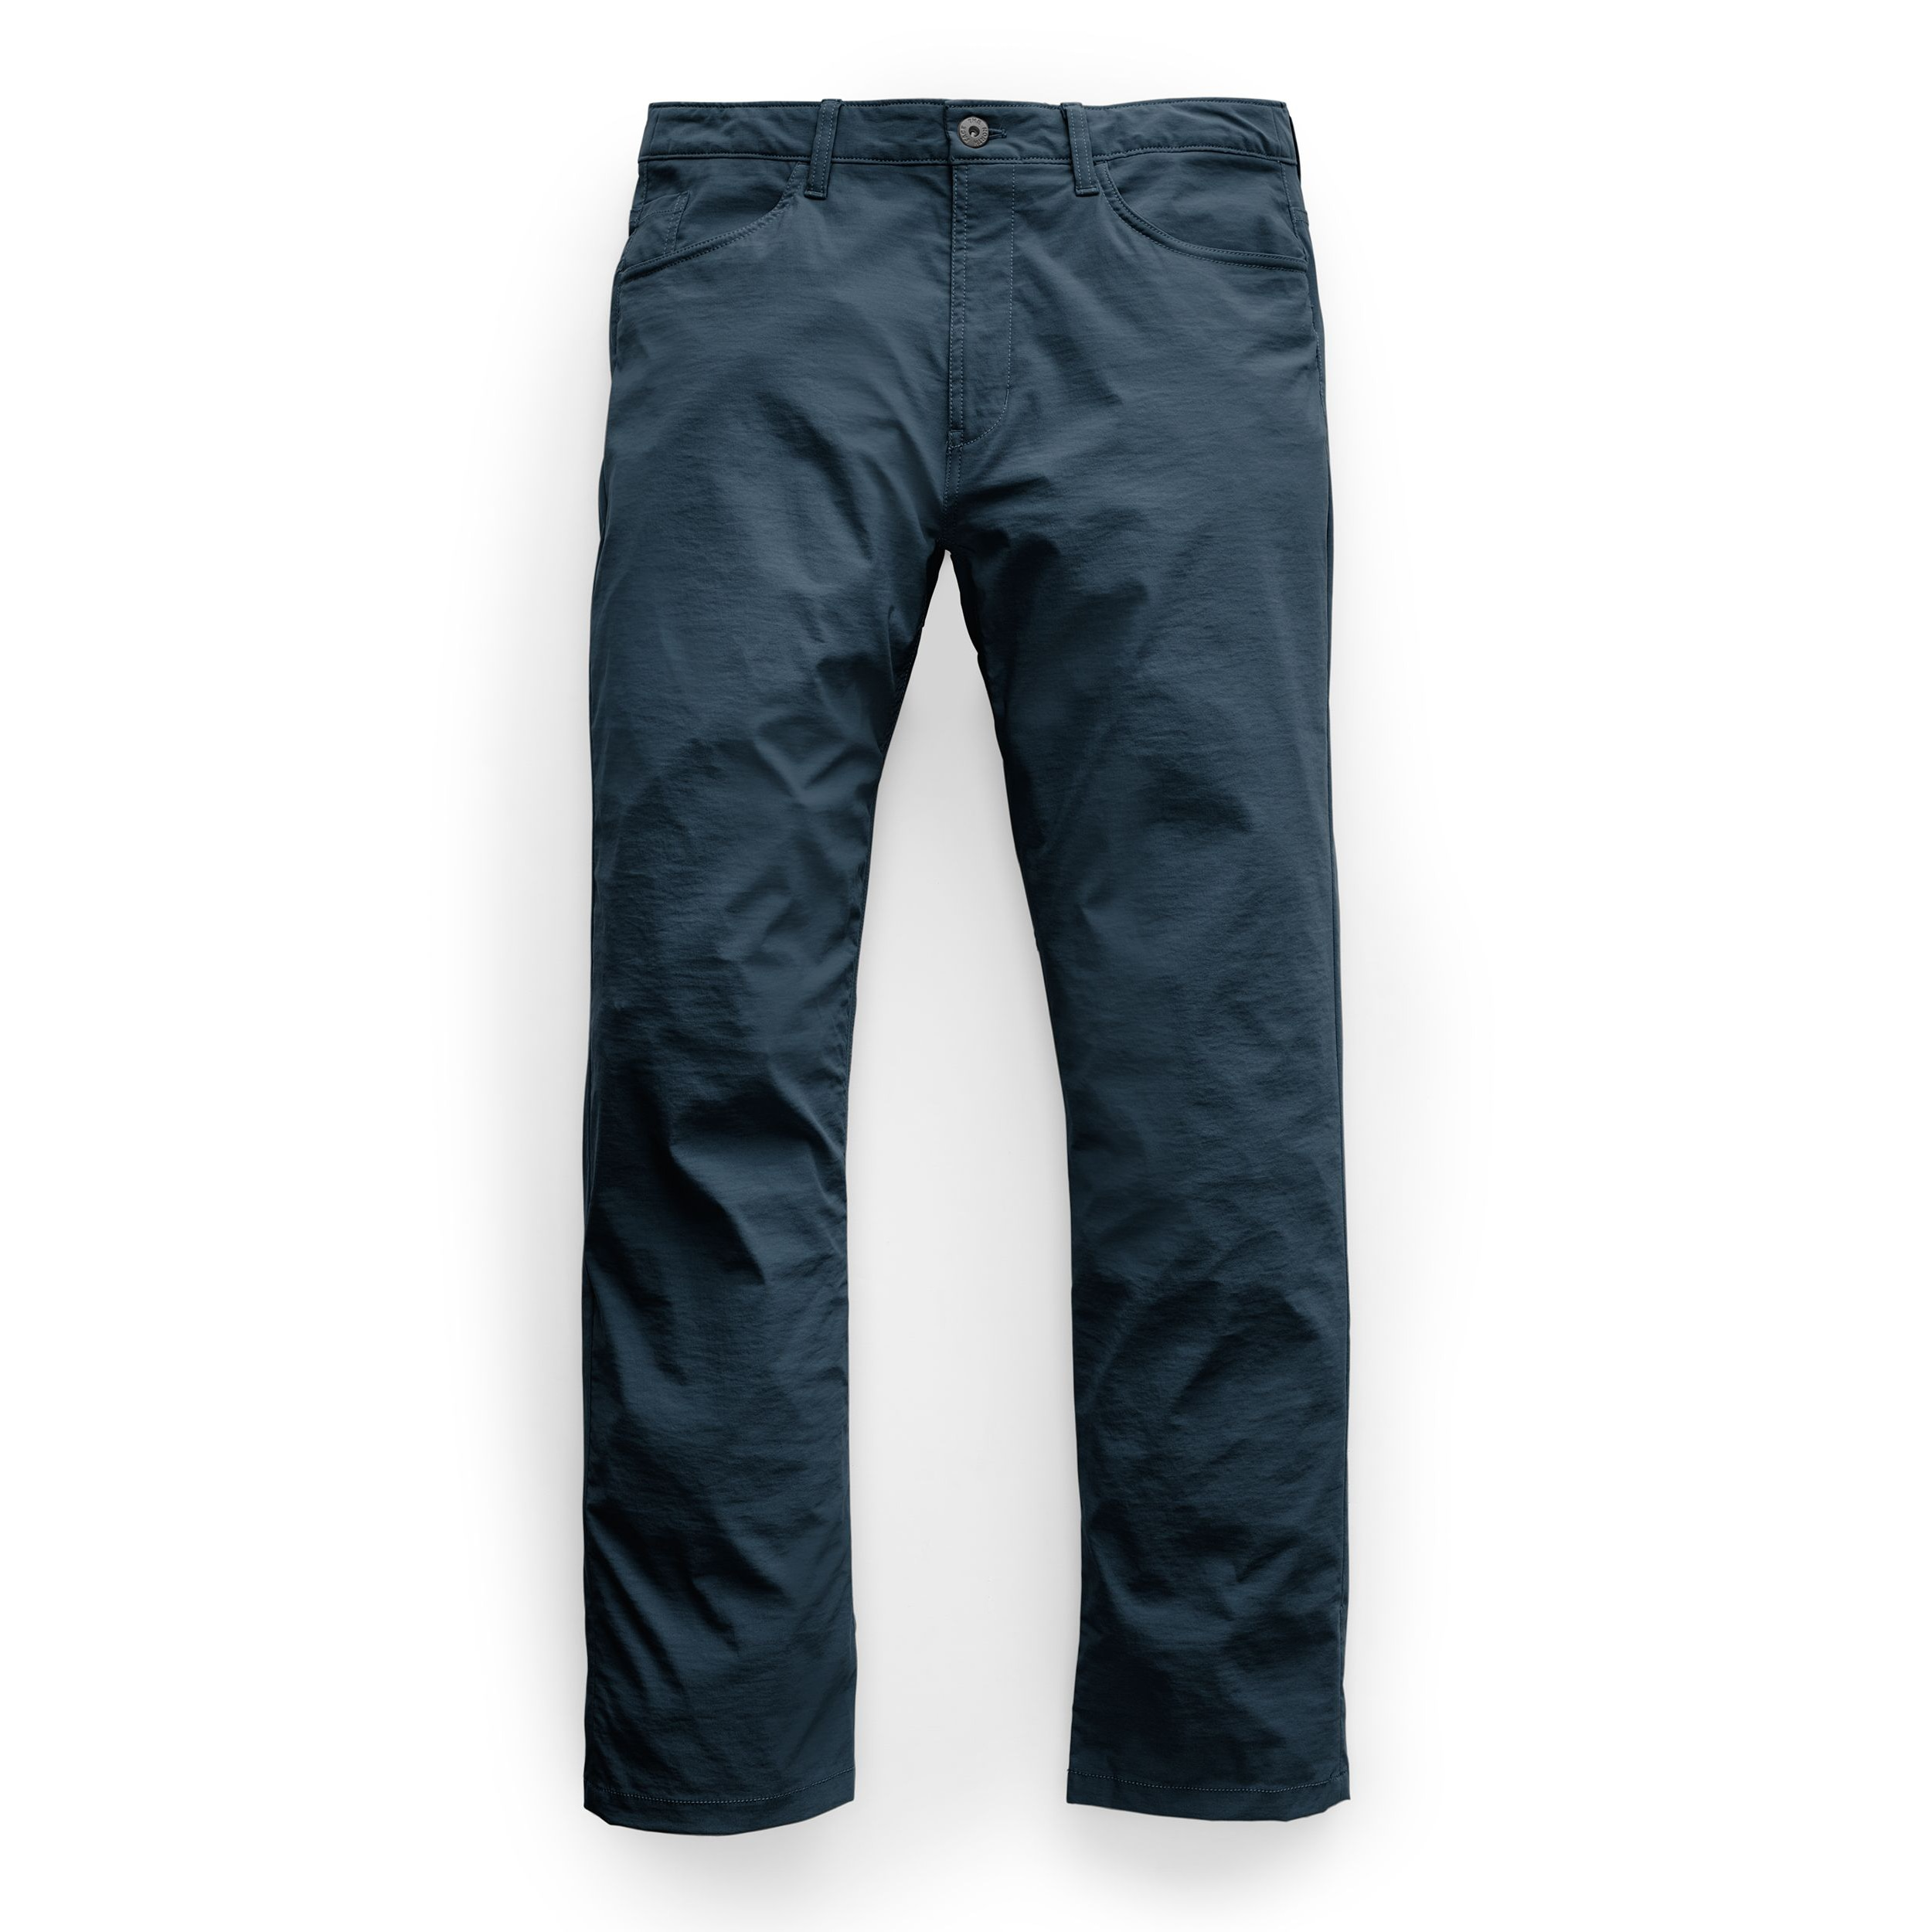 Sprag 5 Pocket Pant - Men's